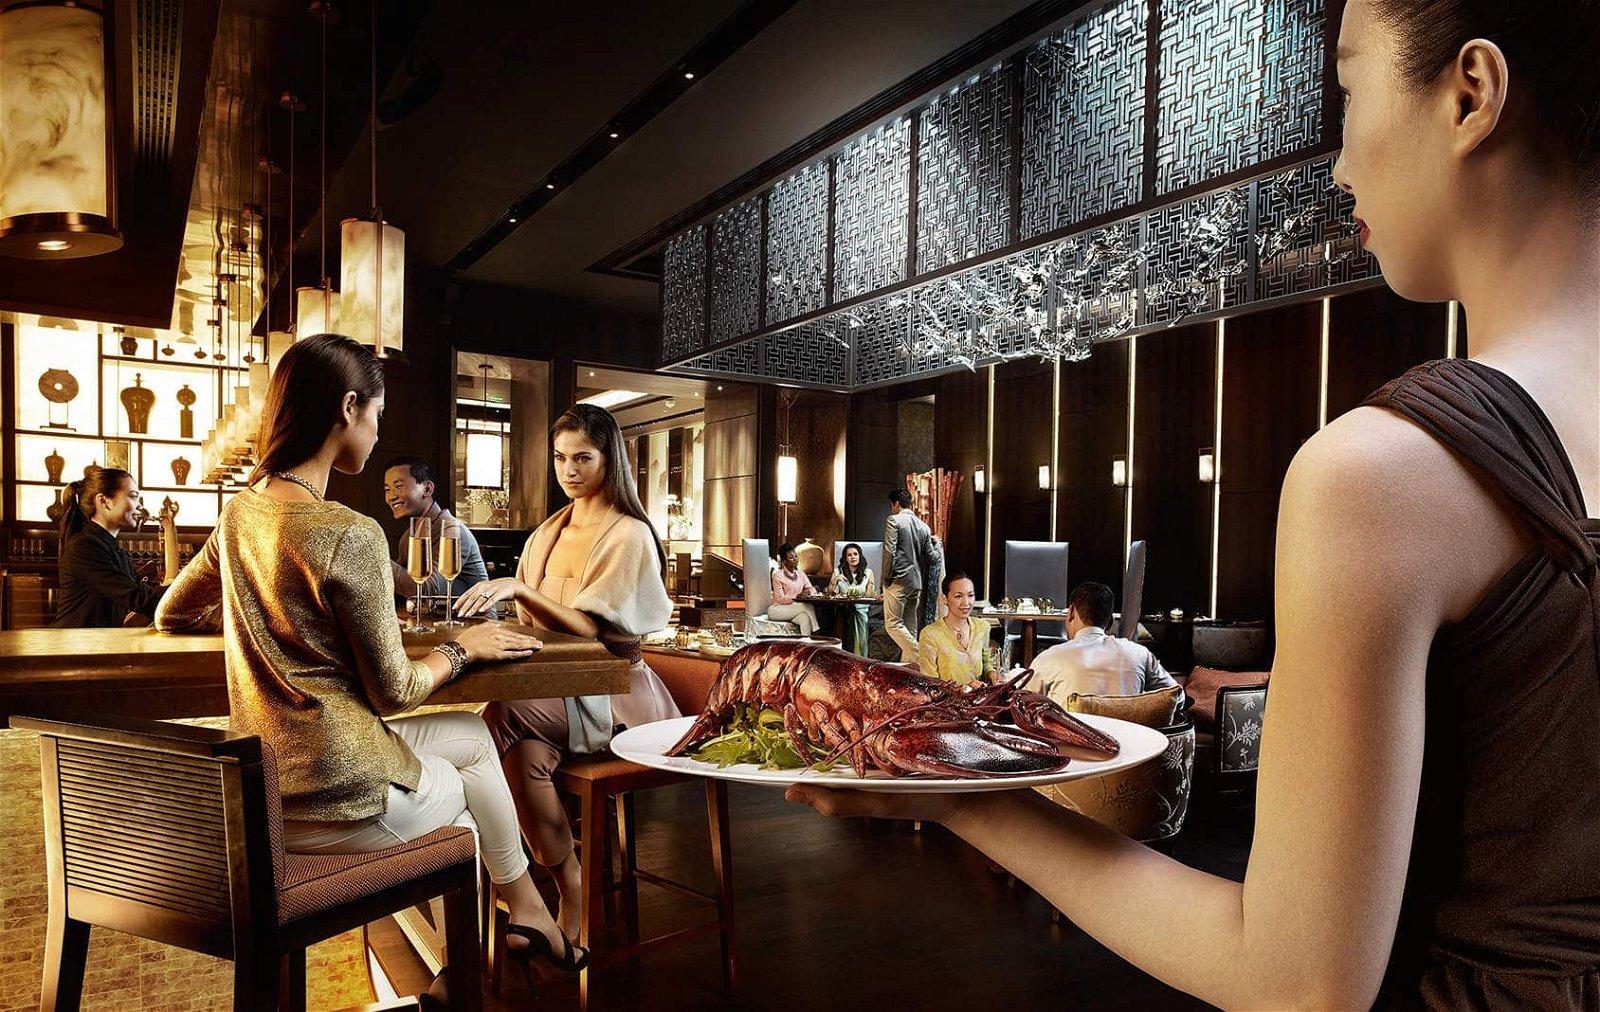 صورة مطعم يوان في أتلانتس النخلة